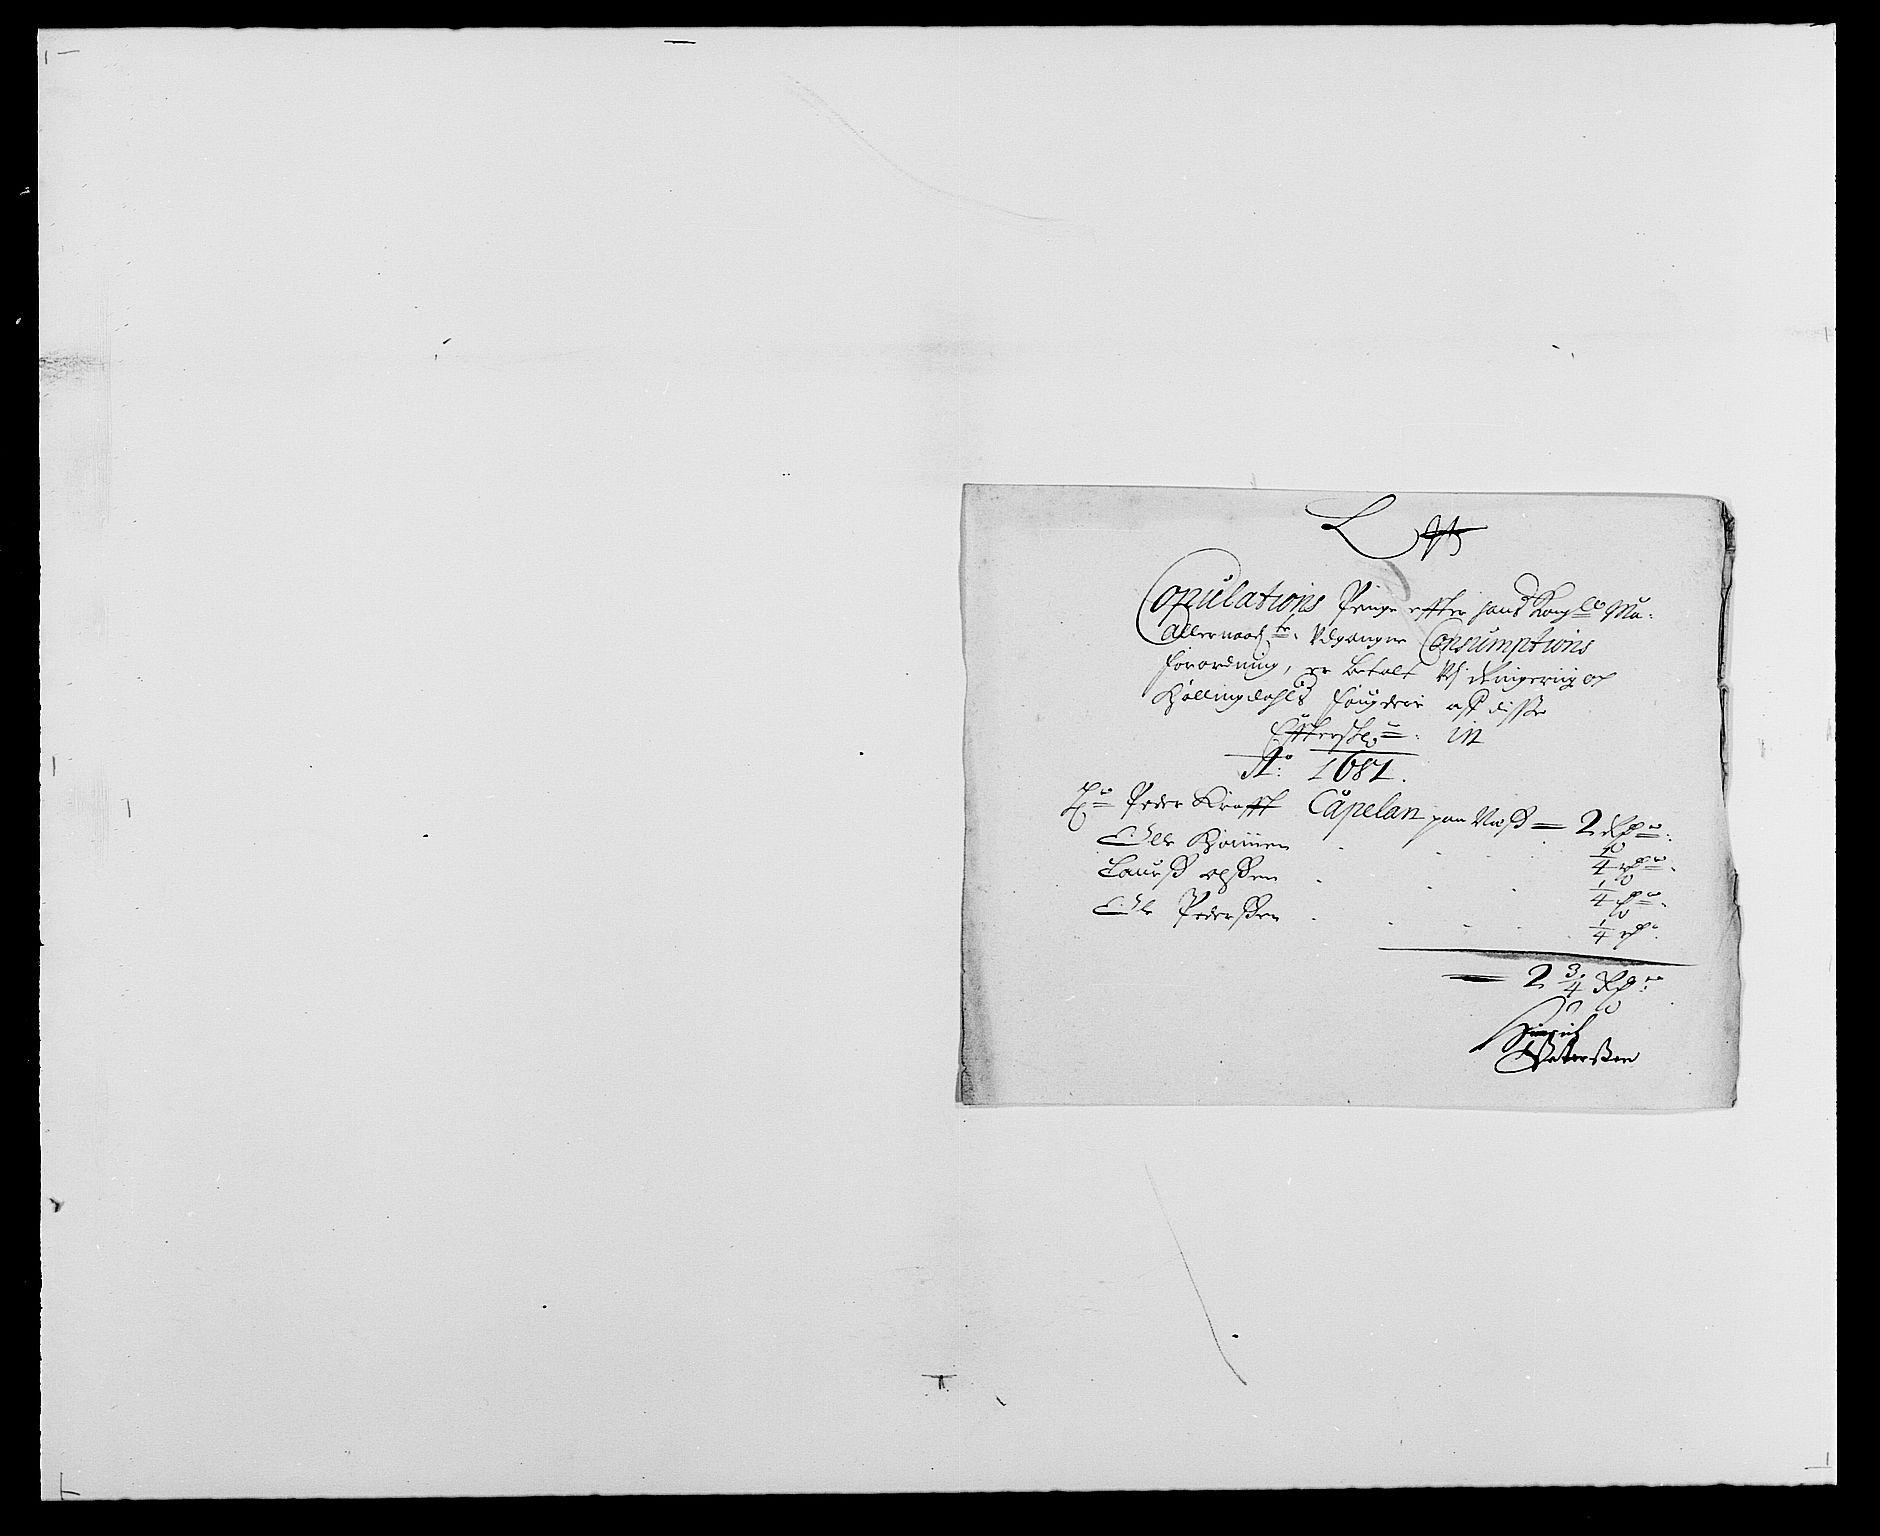 RA, Rentekammeret inntil 1814, Reviderte regnskaper, Fogderegnskap, R21/L1445: Fogderegnskap Ringerike og Hallingdal, 1681-1689, s. 201